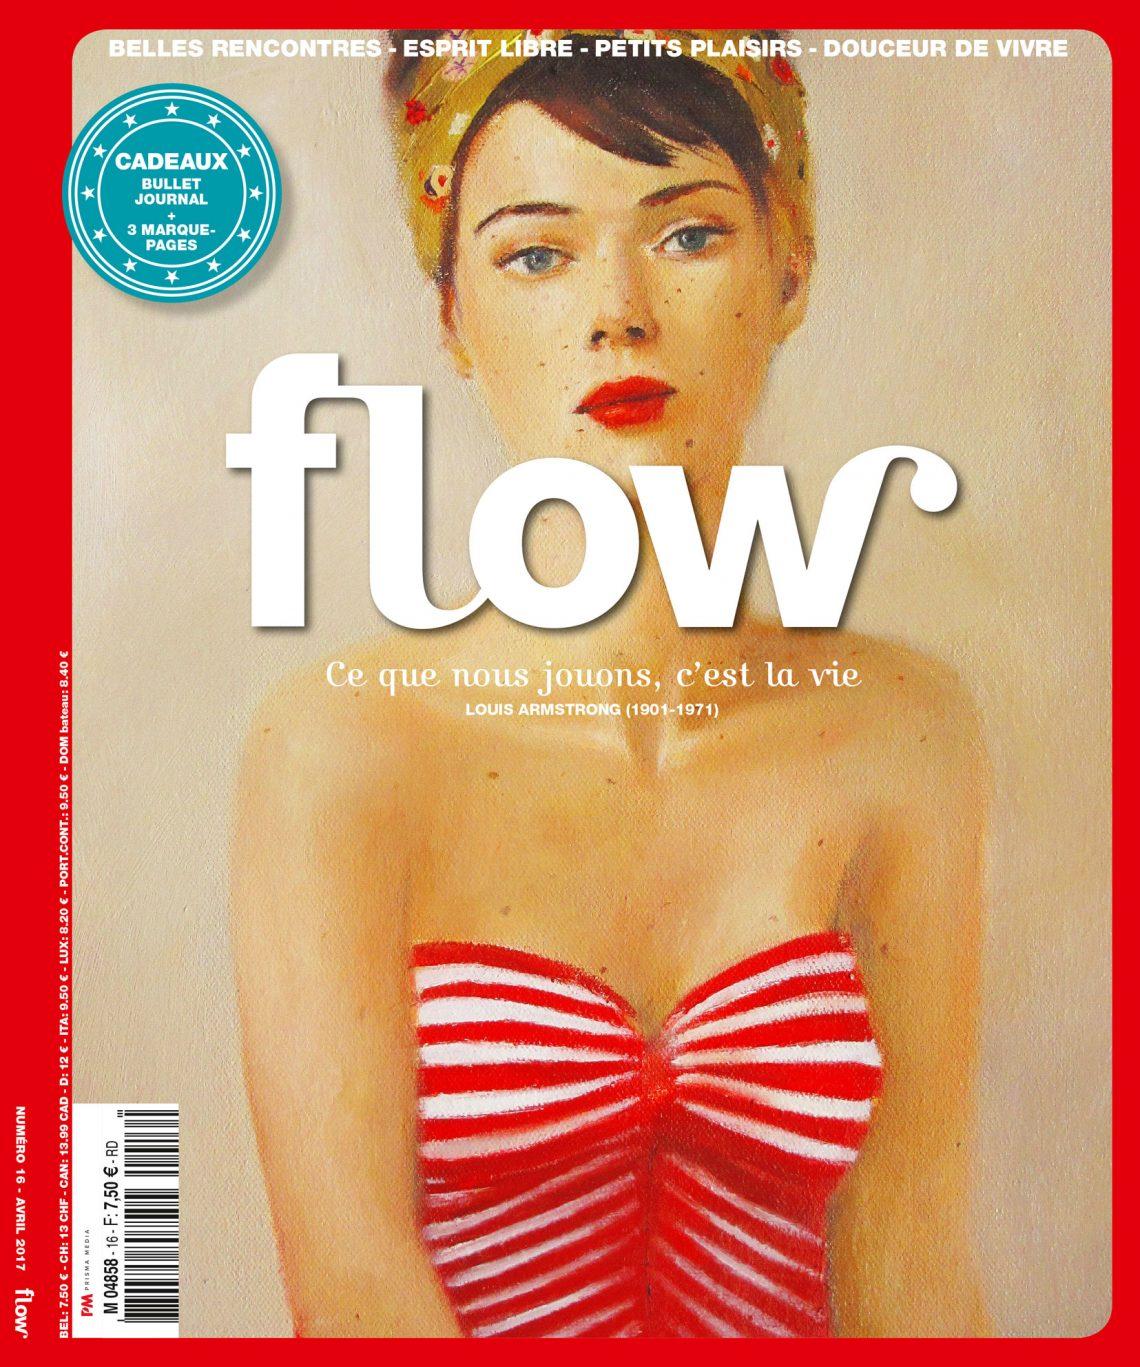 Flow magazine, 'L'avenir appartient à ceux qui croient à la beauté de leurs rêves'- Eleanor Roosevelt (1884-1962)